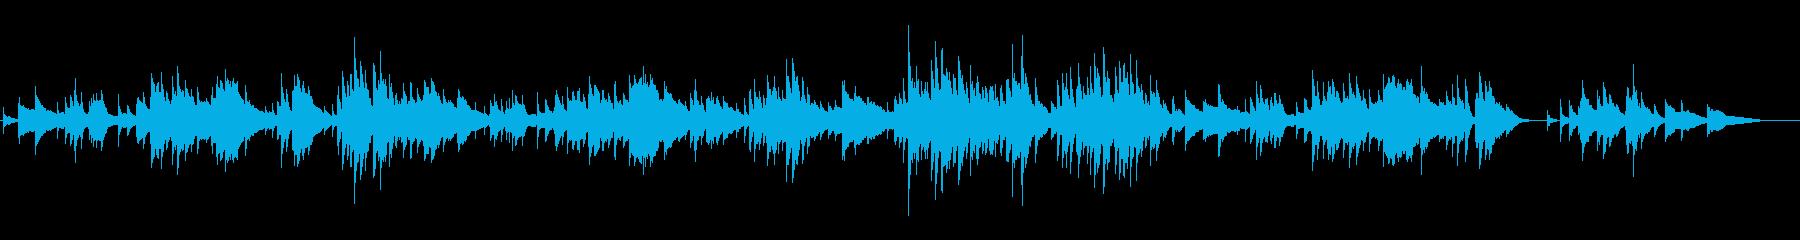 ハープソロ『トロイメライ』の再生済みの波形